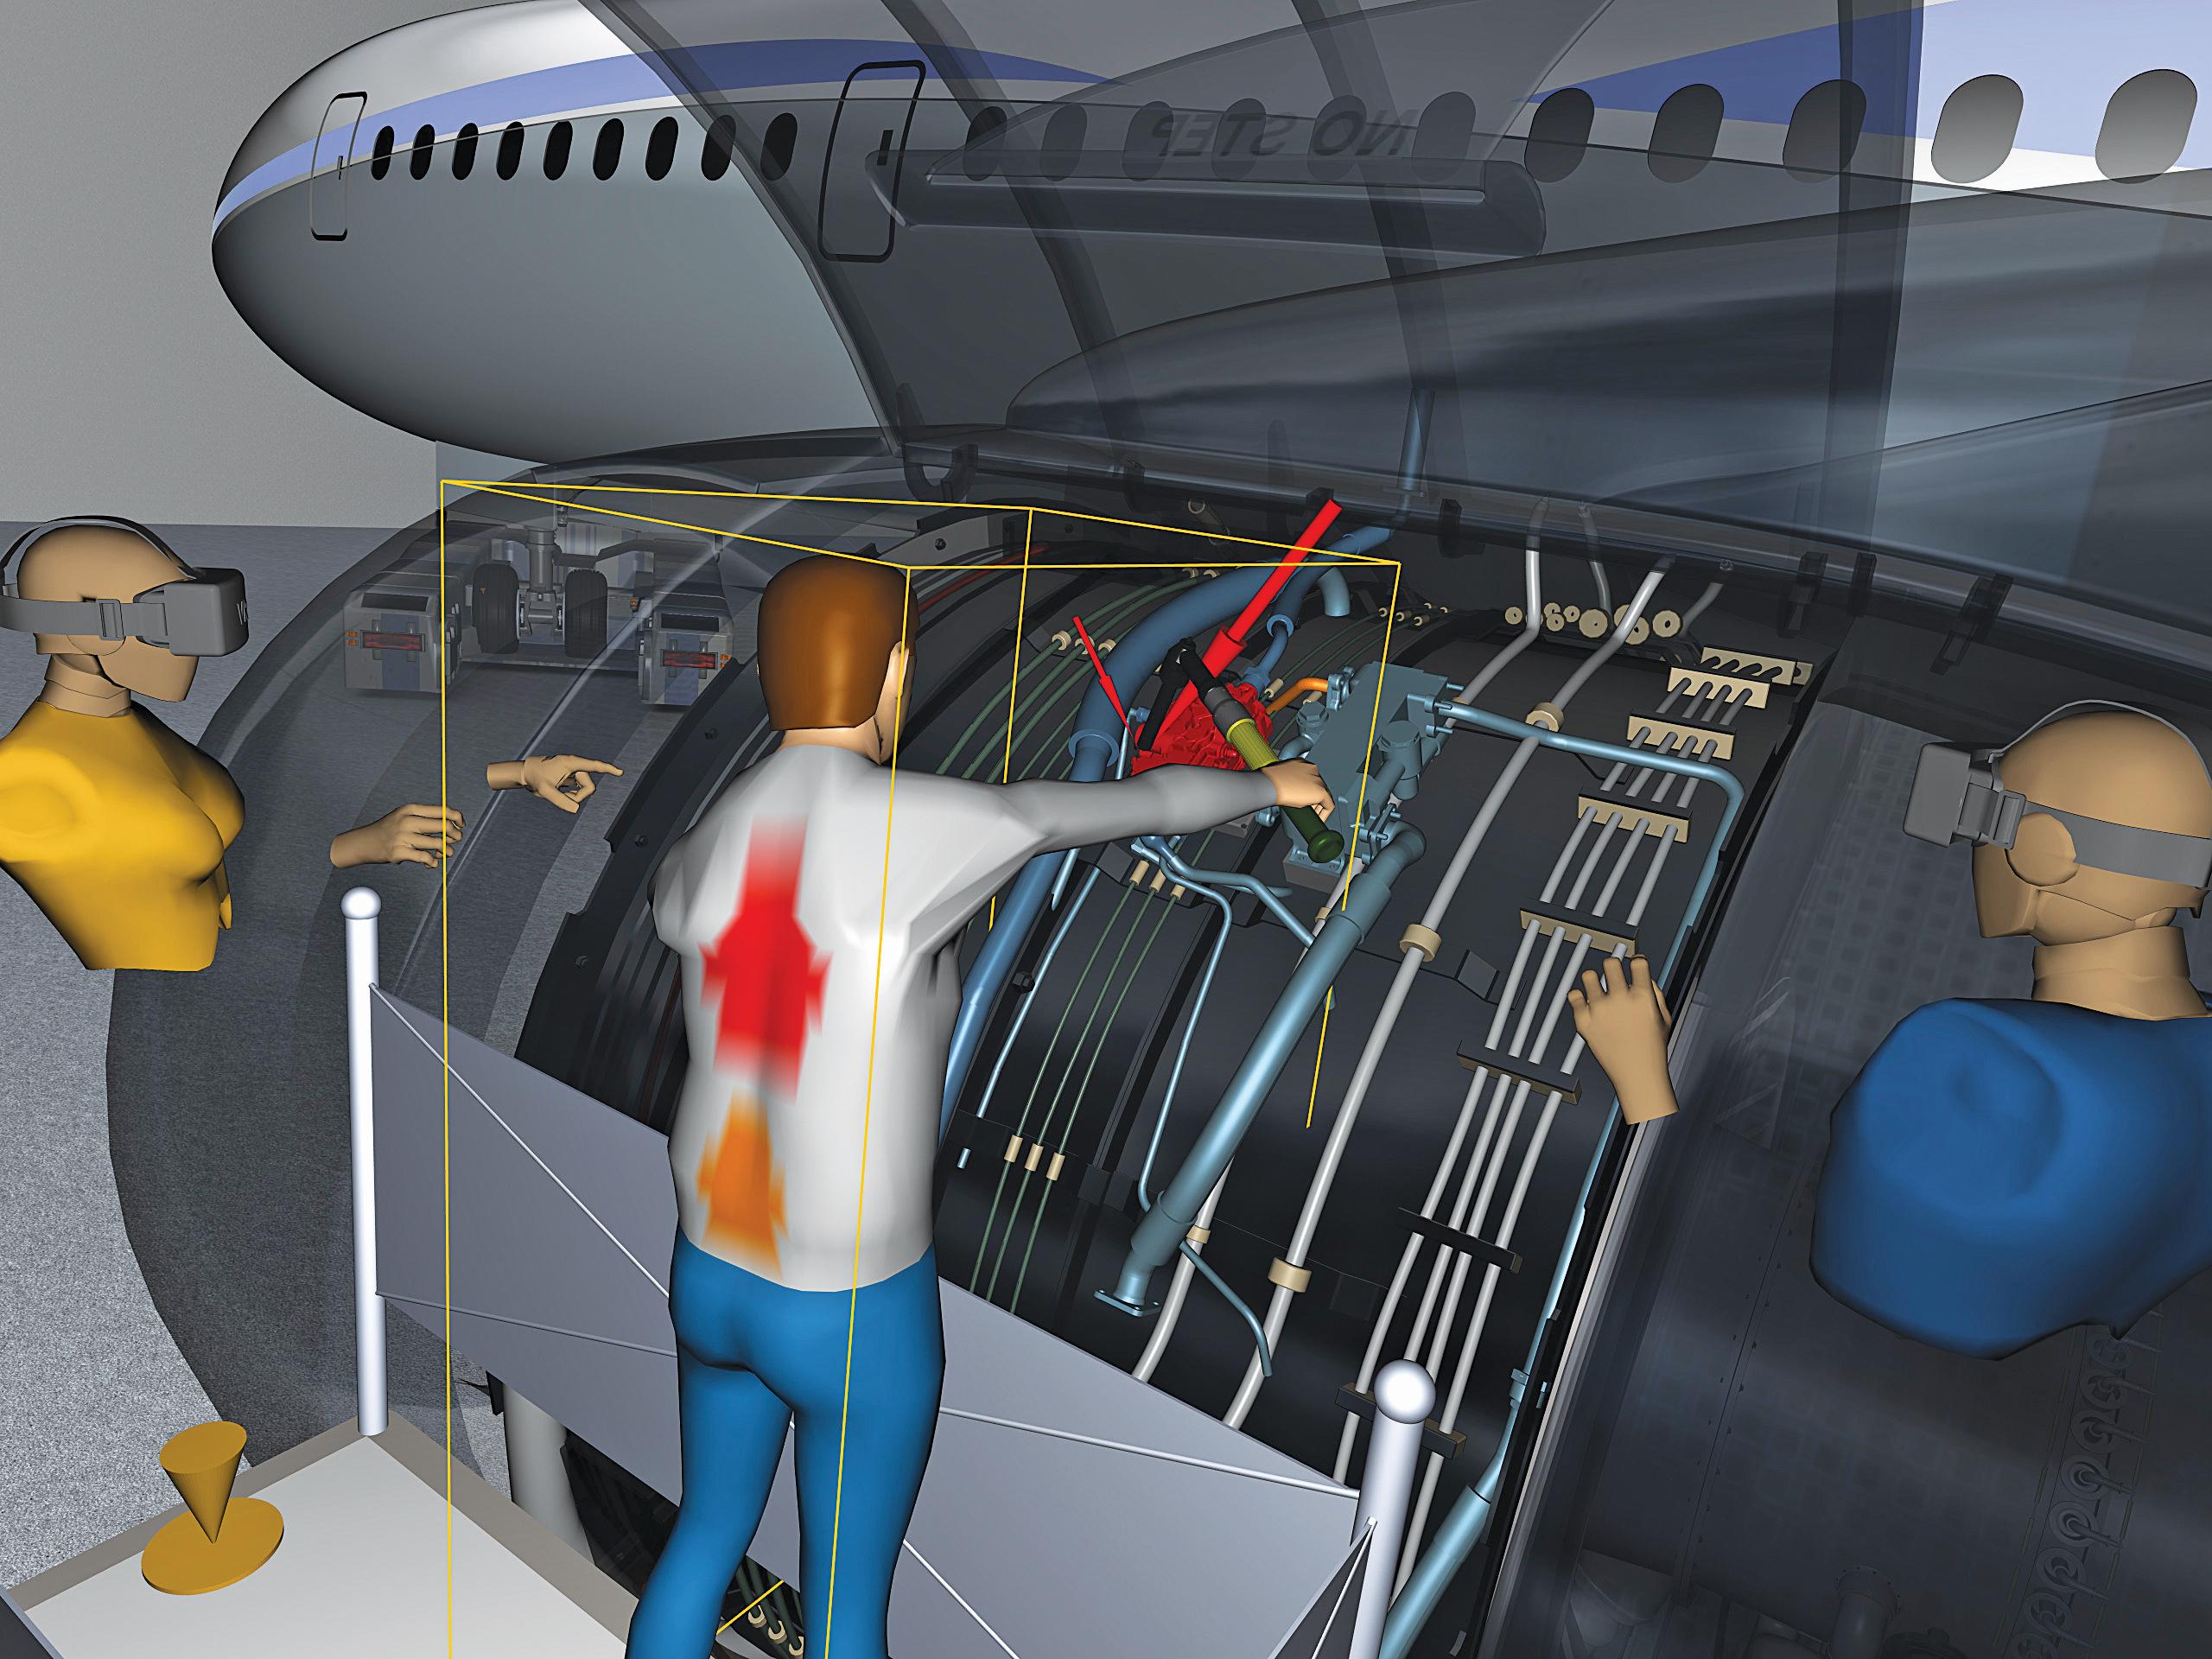 Le prototypage virtuel pour accélérer la phase R&D